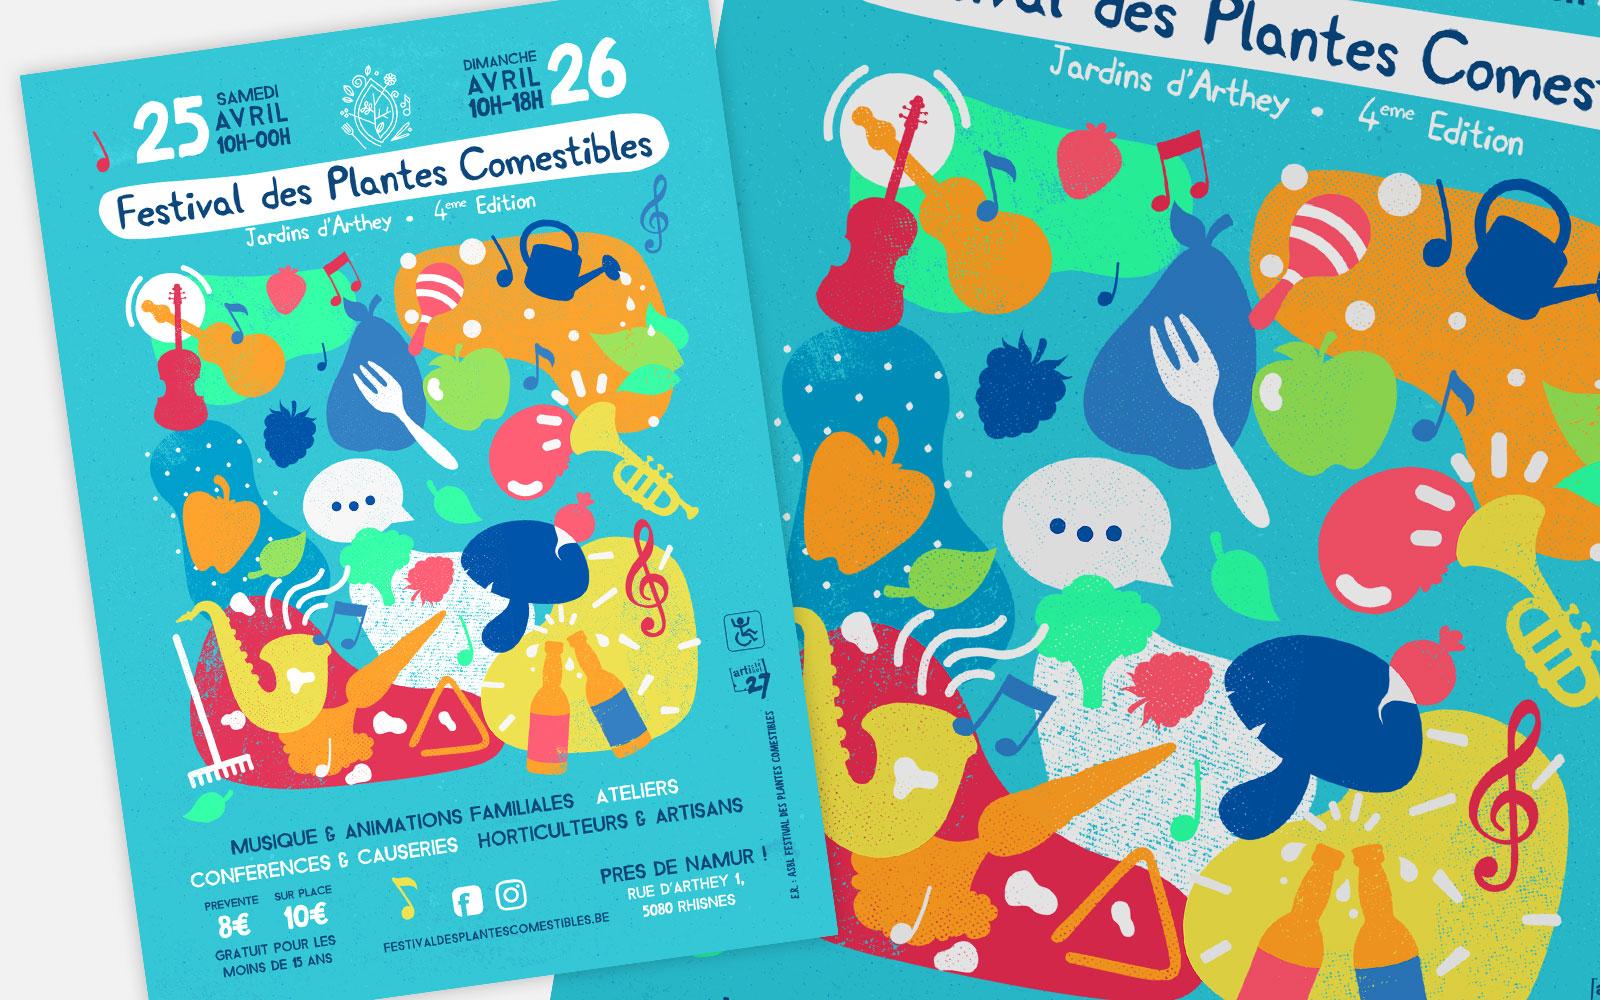 BL-Graphics - Festival des Plantes Comestibles - affiches